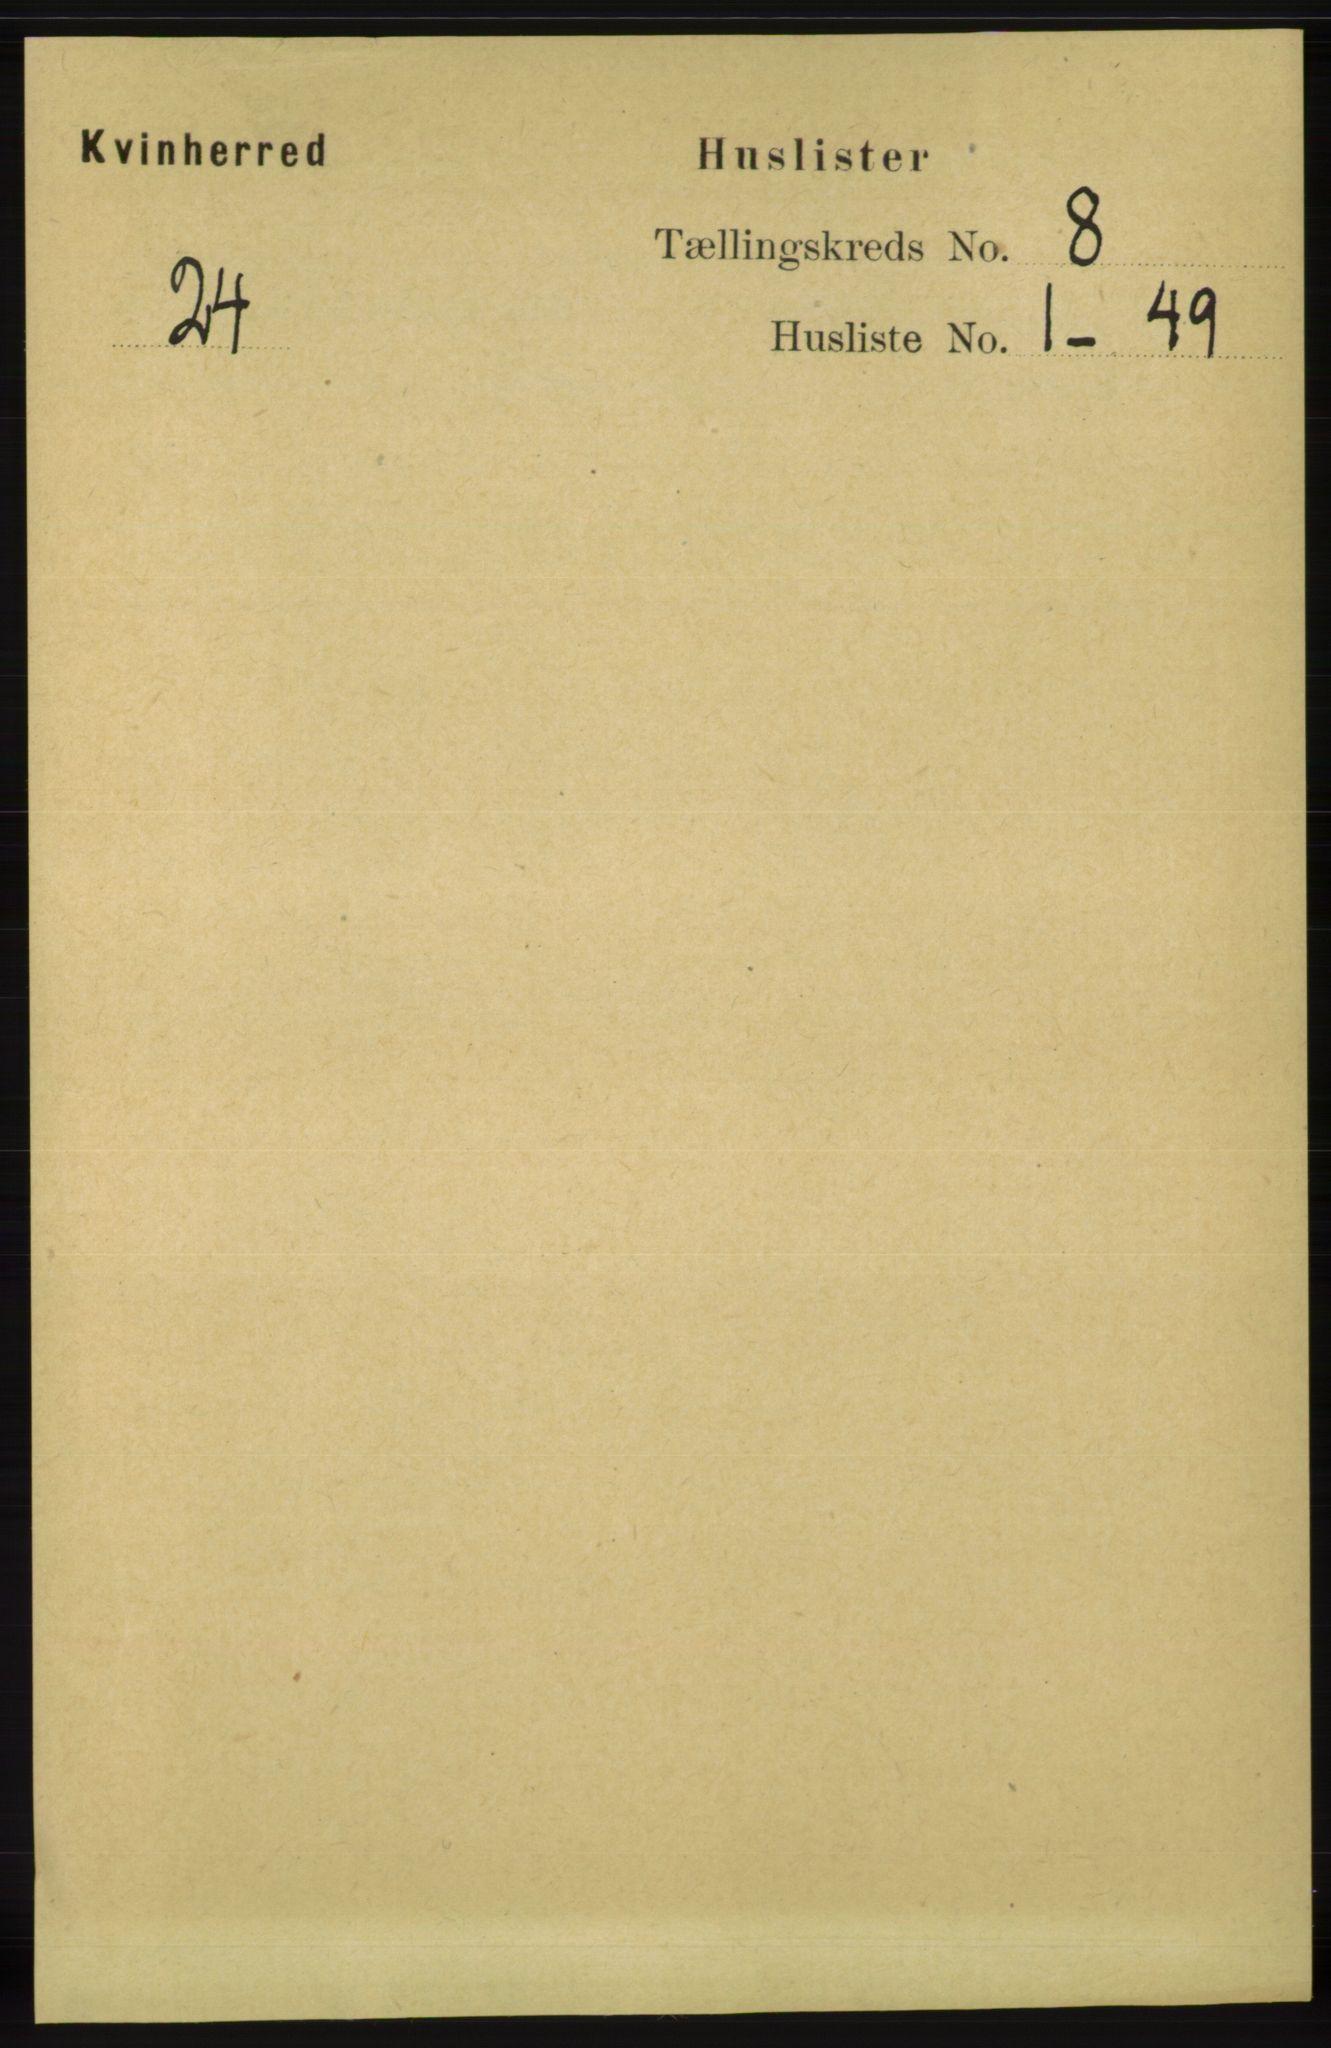 RA, Folketelling 1891 for 1224 Kvinnherad herred, 1891, s. 2921